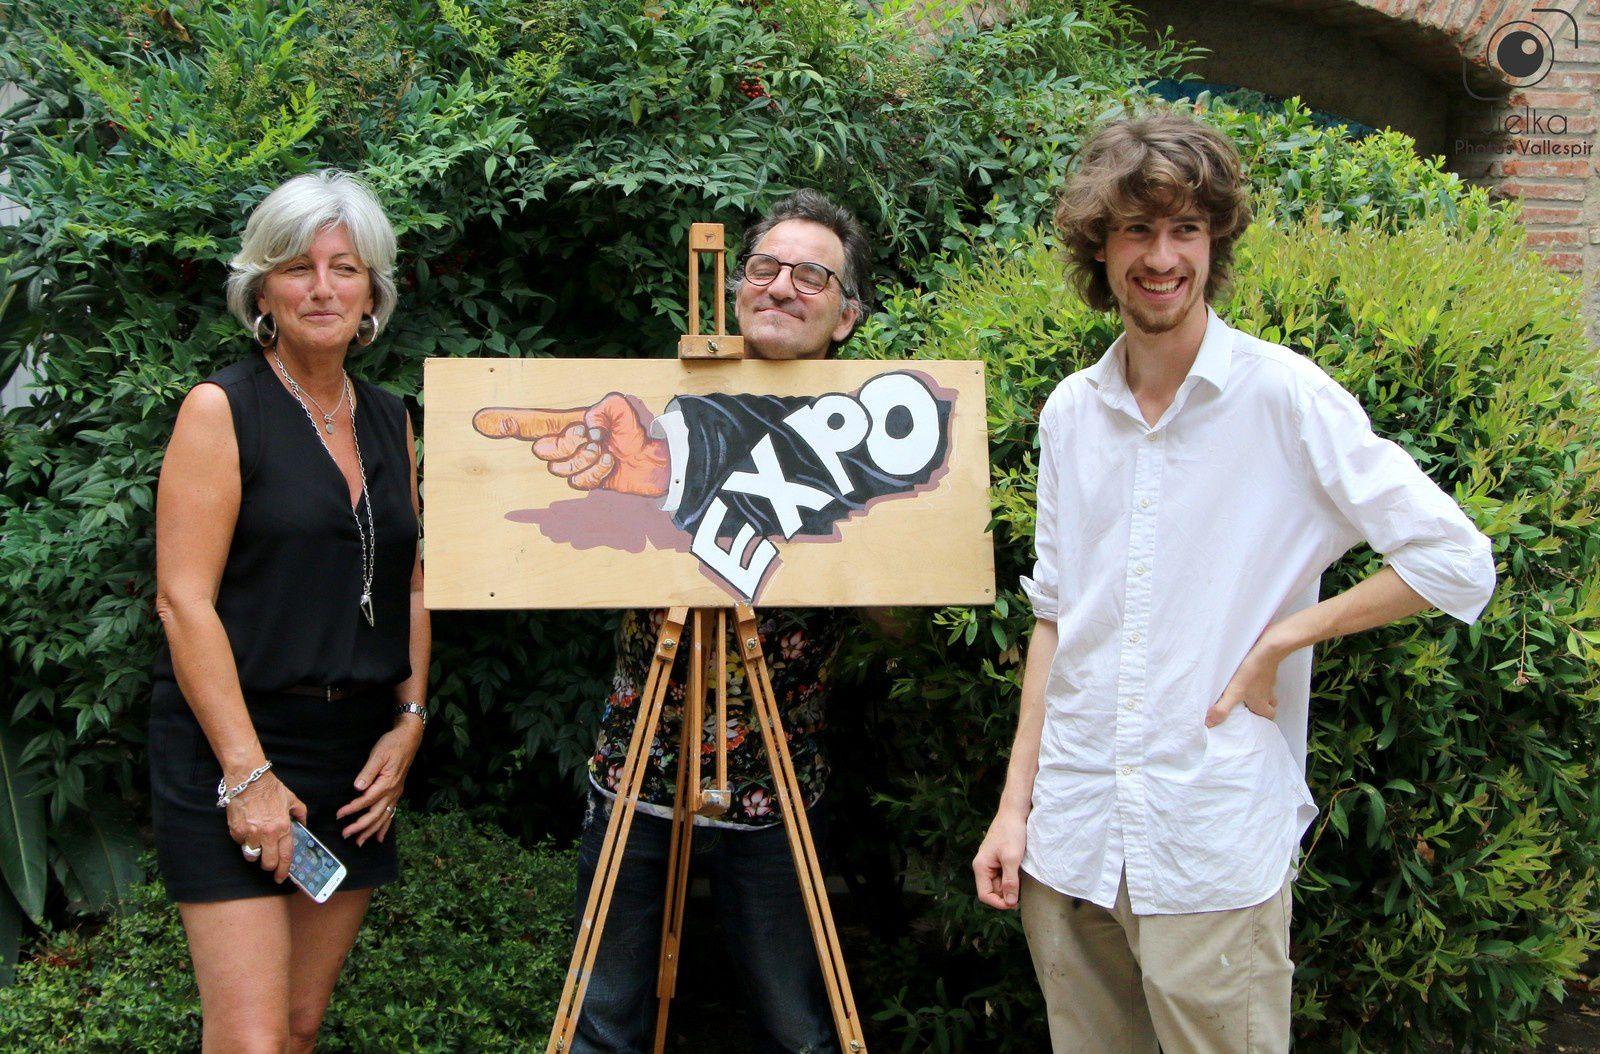 Romer Kitching avec l'artiste Véronique Pinault et son ami Cérétan, l'artiste peintre Mao lors d'une précédente expo à Céret